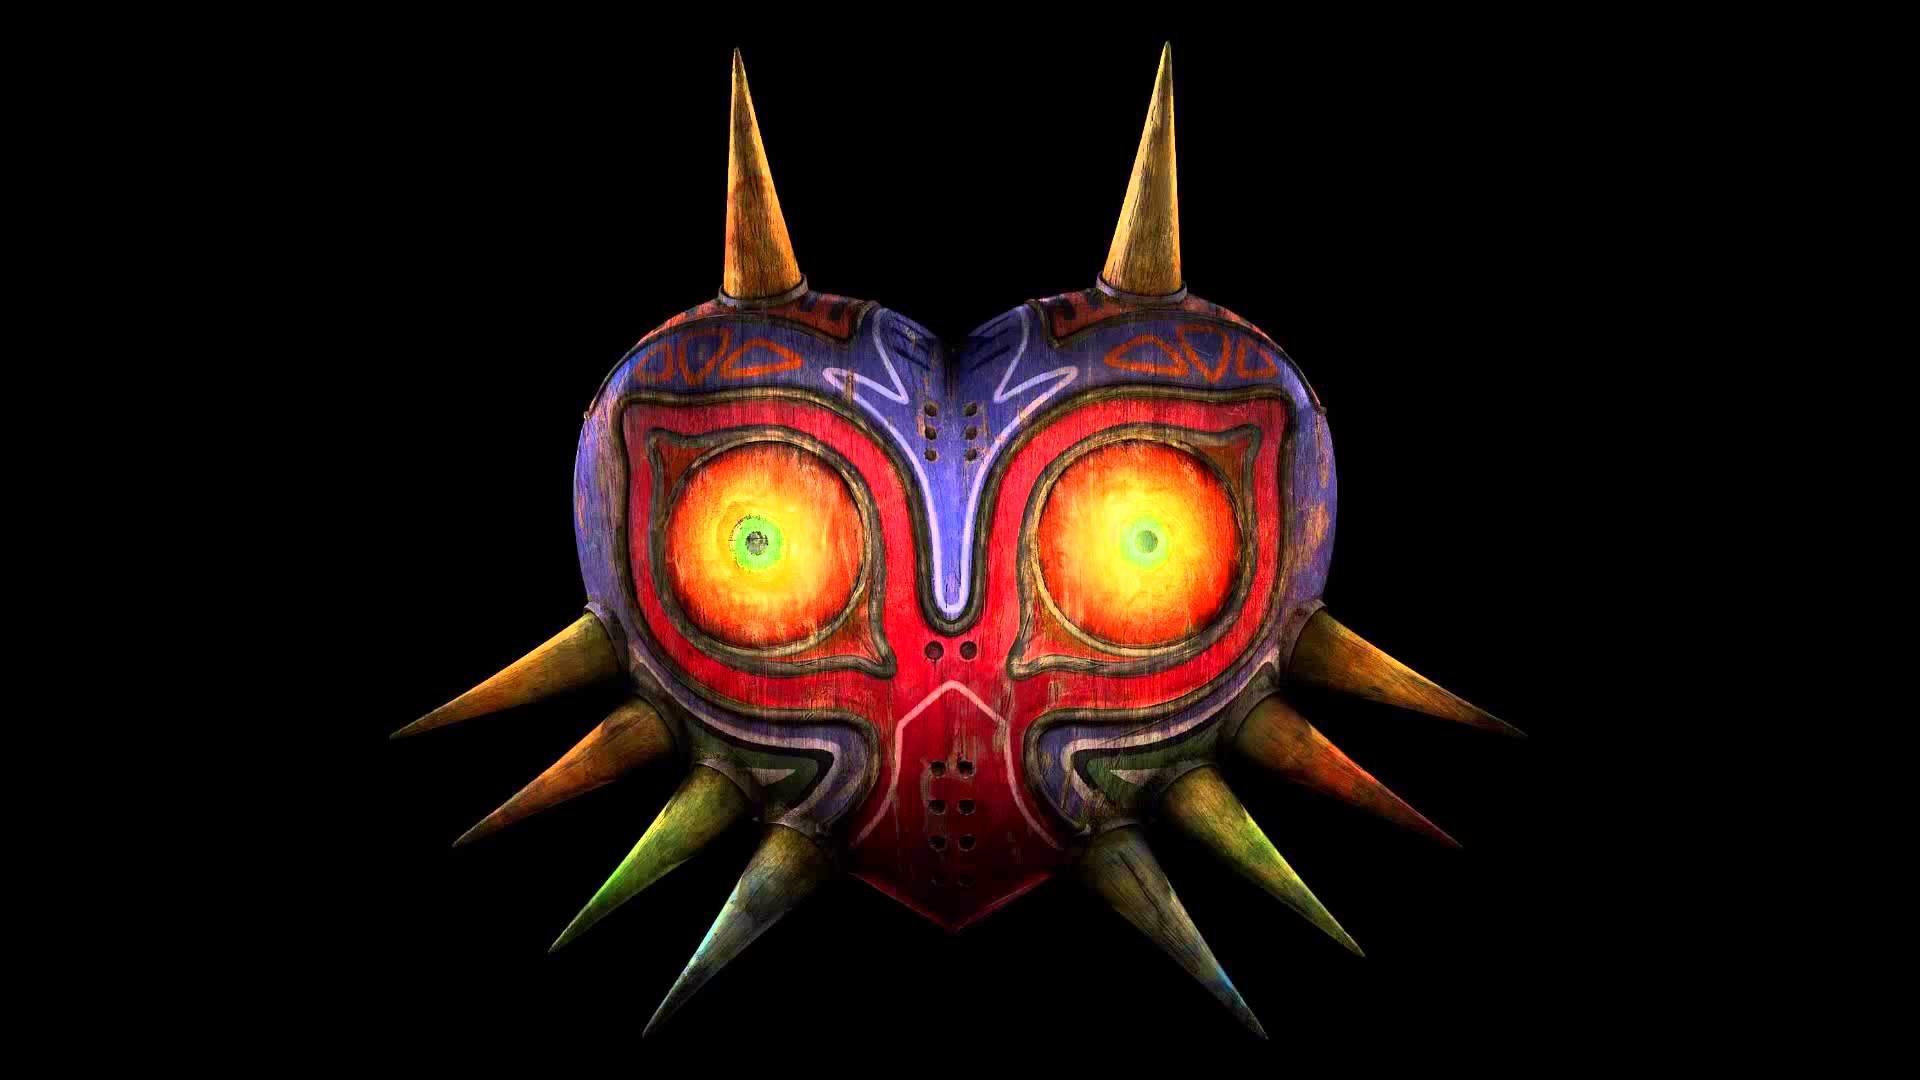 Free Download The Legend Of Zelda Majora S Mask Background Id 145450 1080p For Desktop